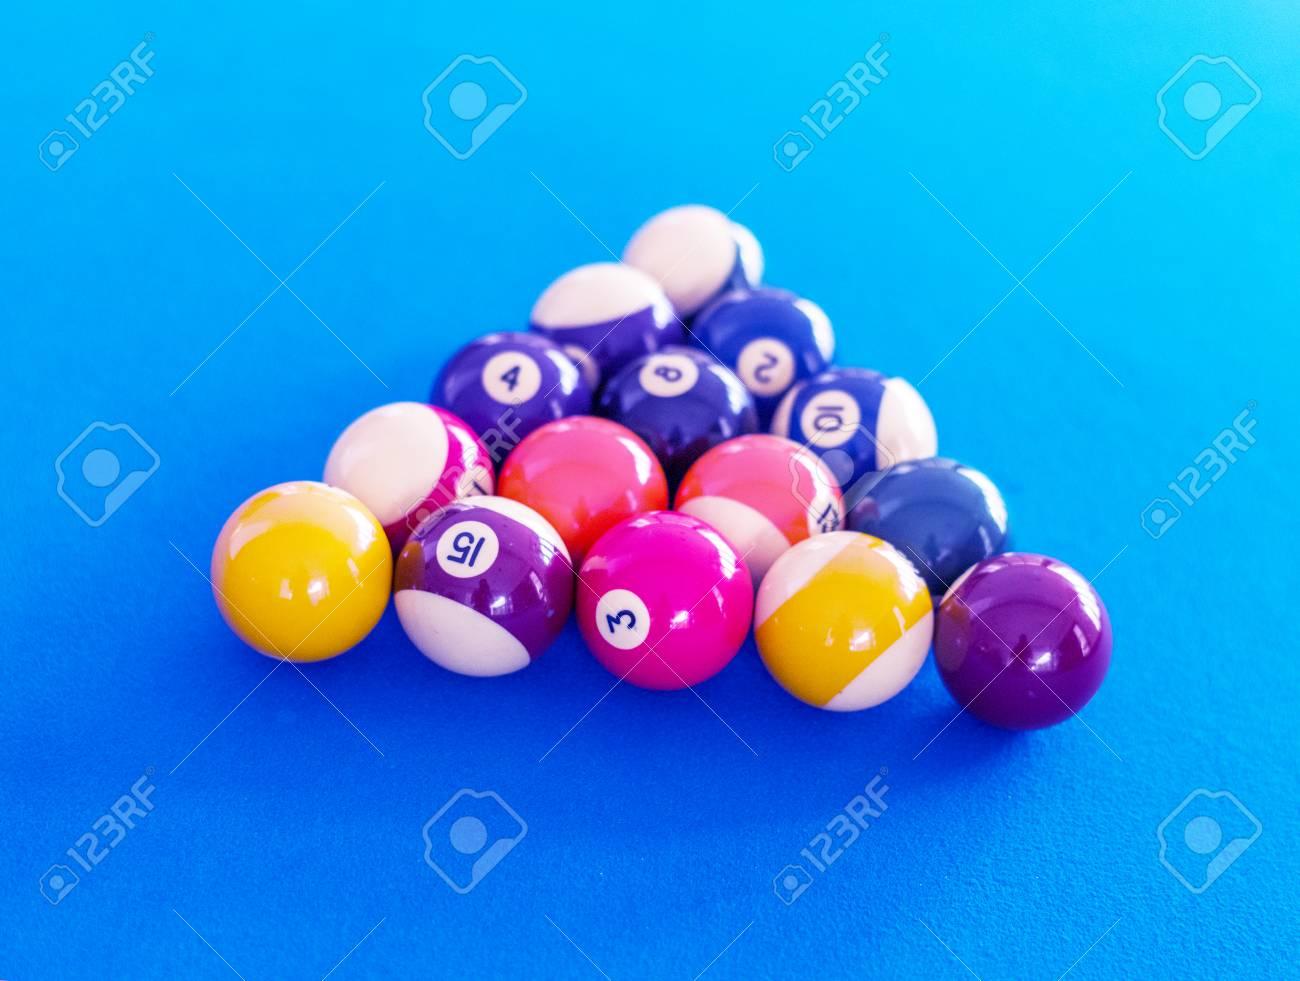 Images For Pool Table Setup >> Billard Balls Setup On A Pool Table